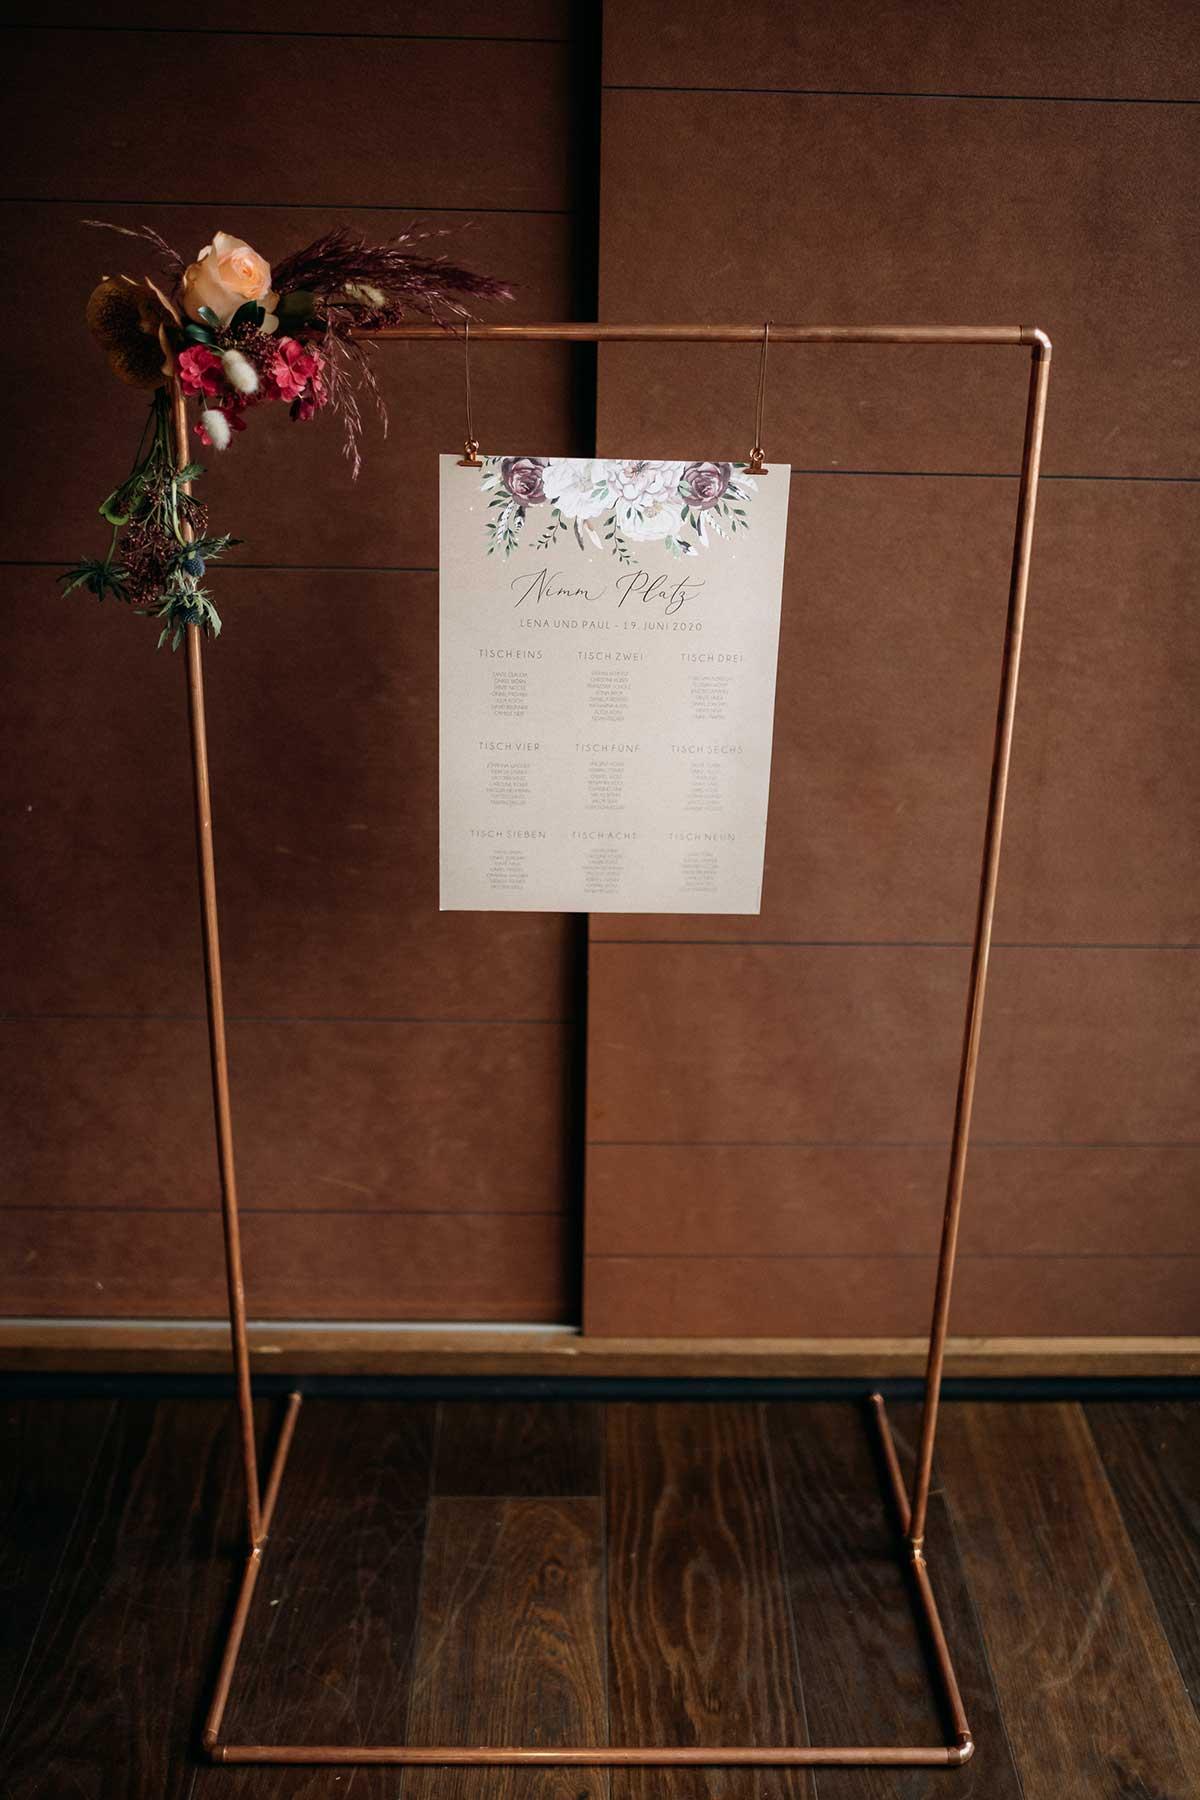 Sitzplan in einem Rahmen aus Kupferrohren aufgehängt